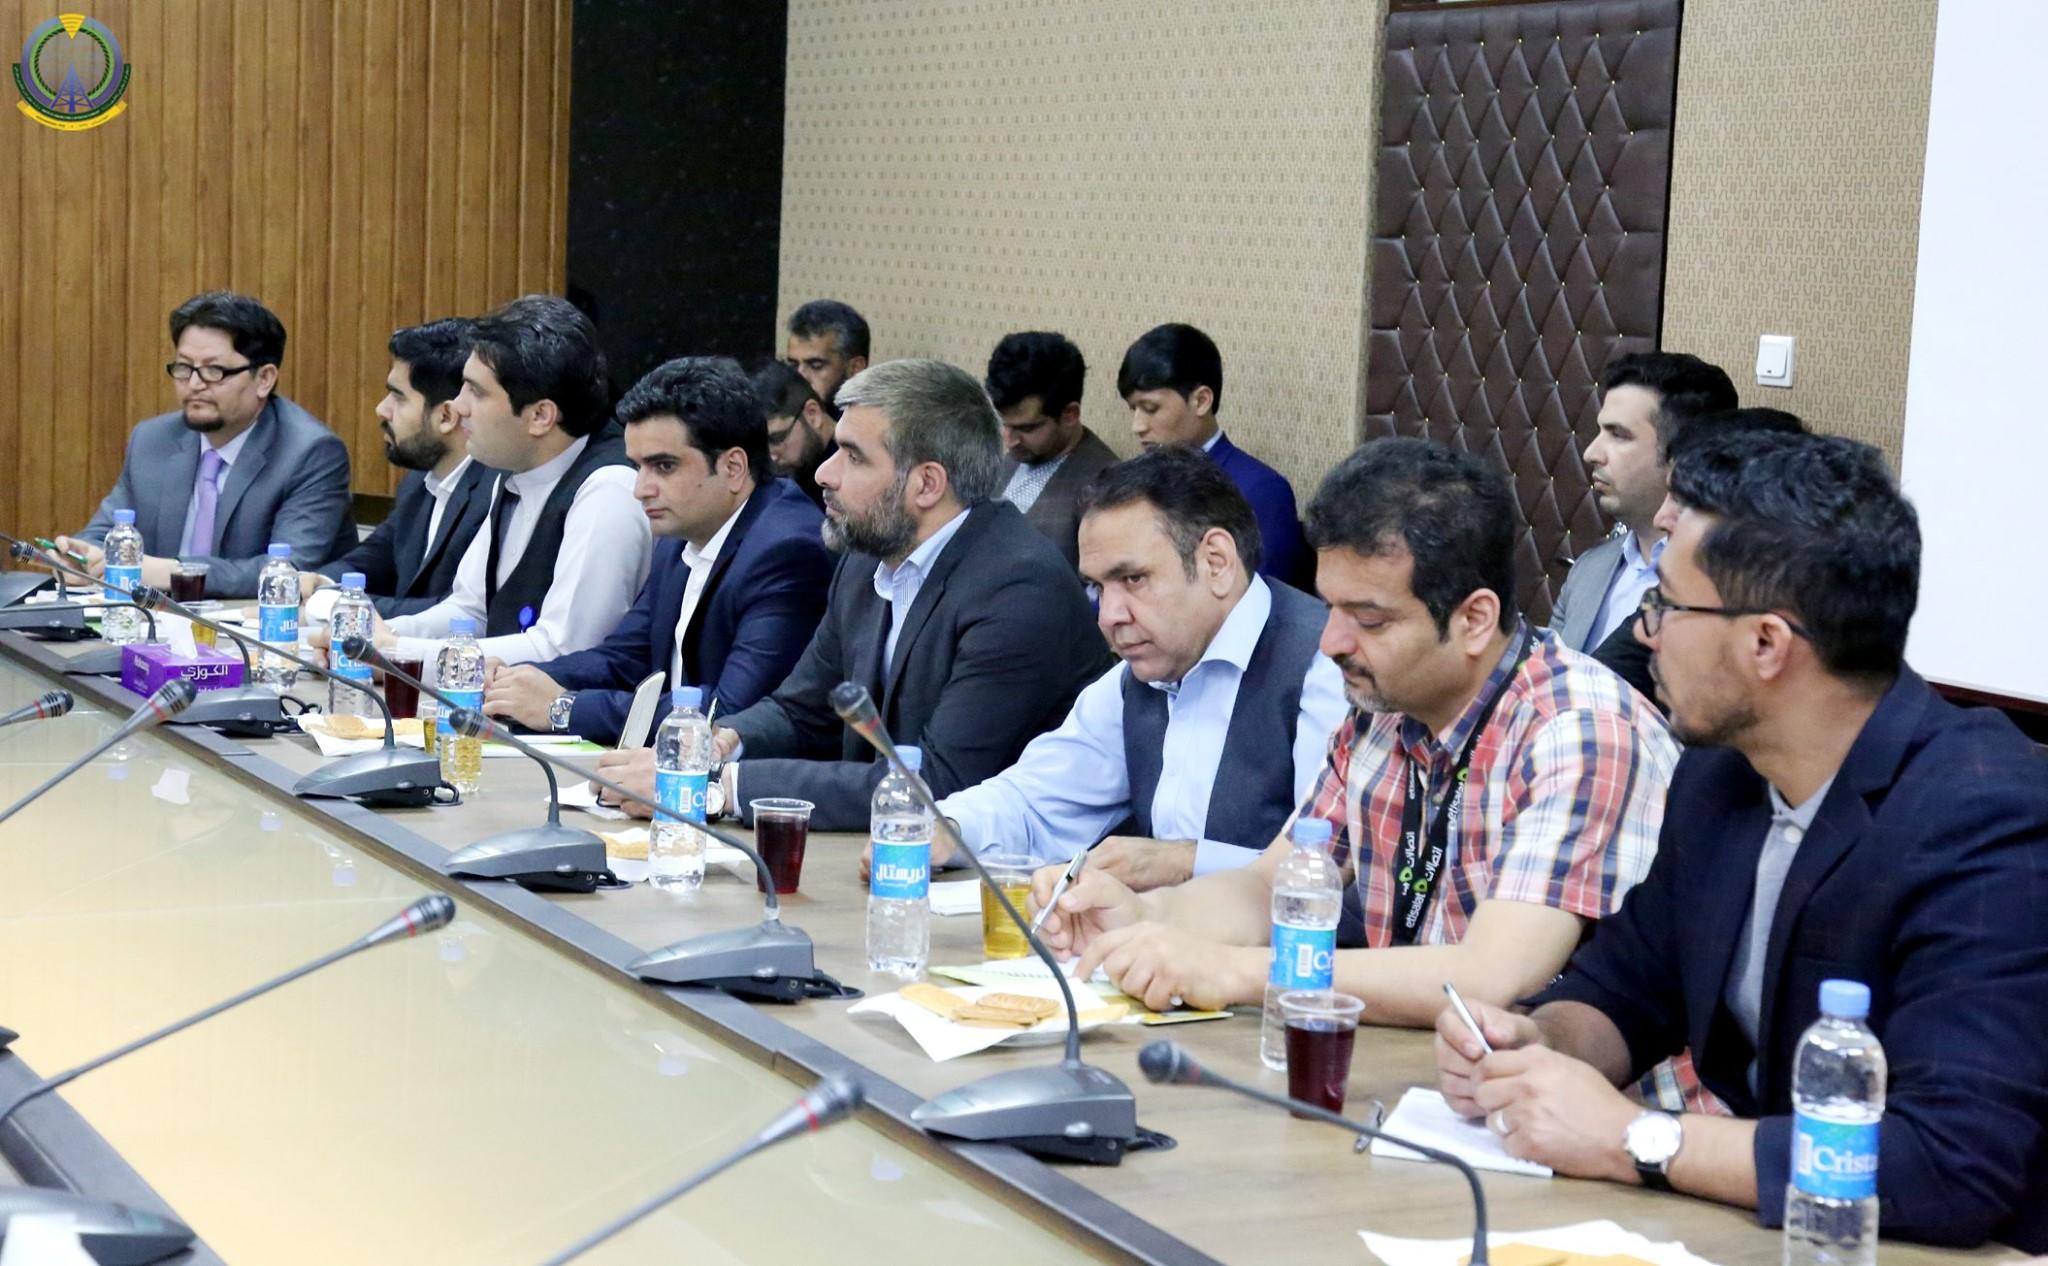 جلسه مشورتی با مسوولین شرکت های خدمات انترنیتی به خاطر کاهش قیمت انترنیت